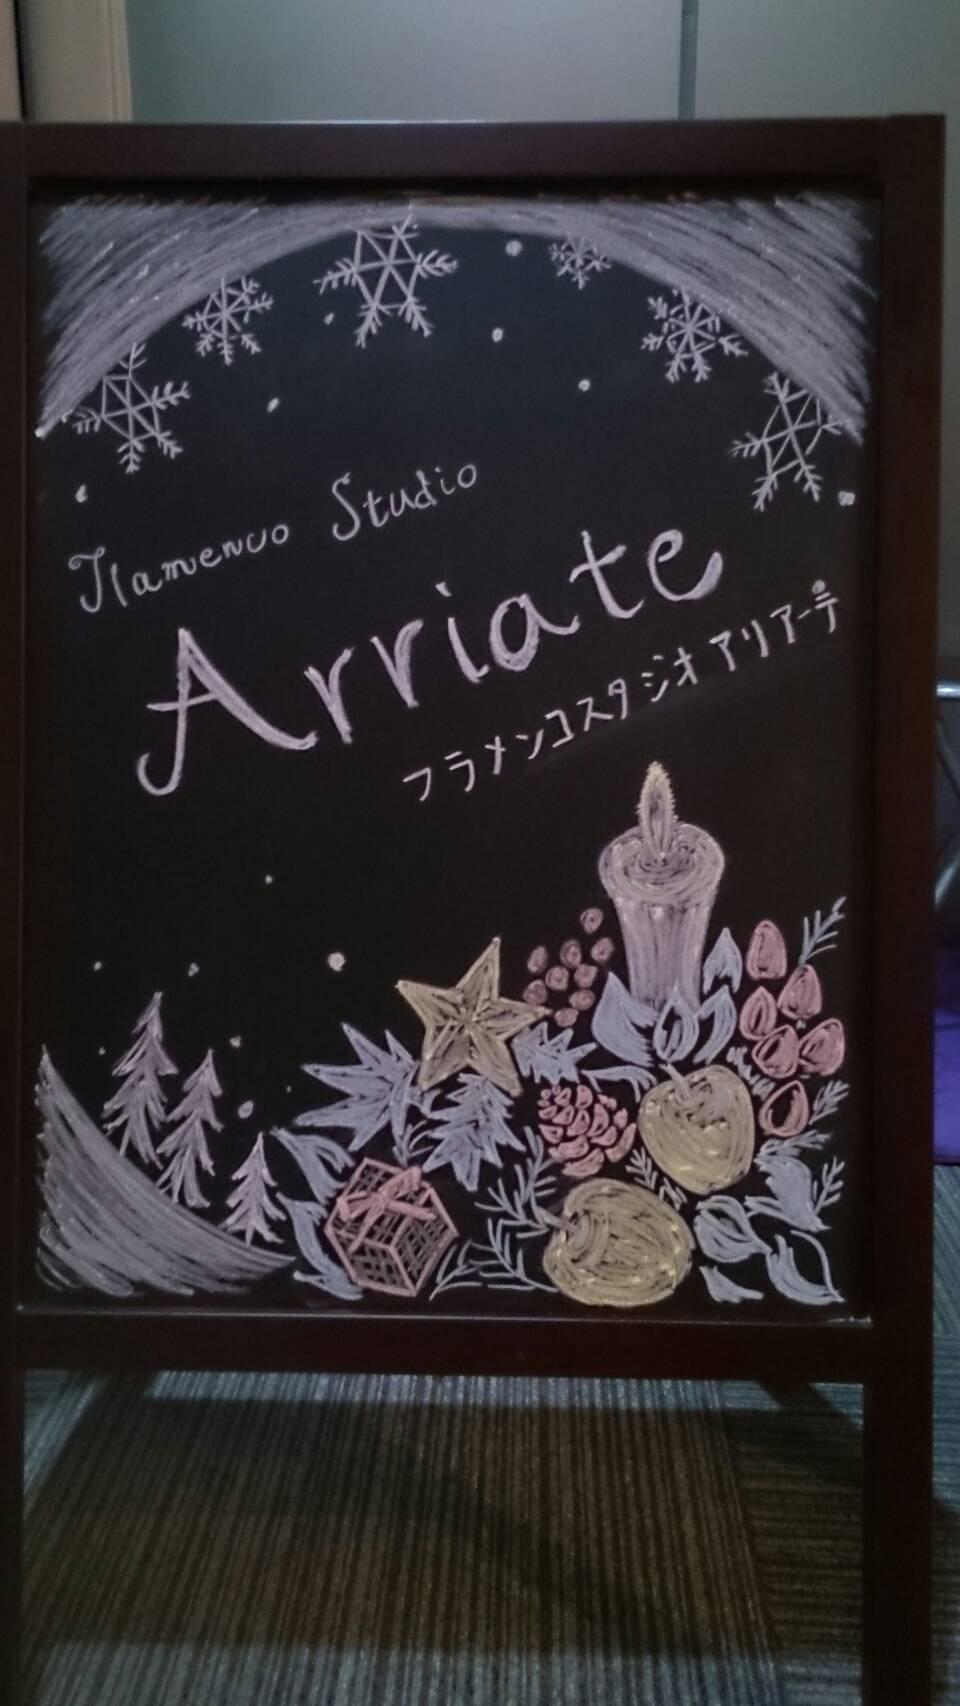 景山朋美さんにチョークアートをしていただきました。力作ありがとうございました。